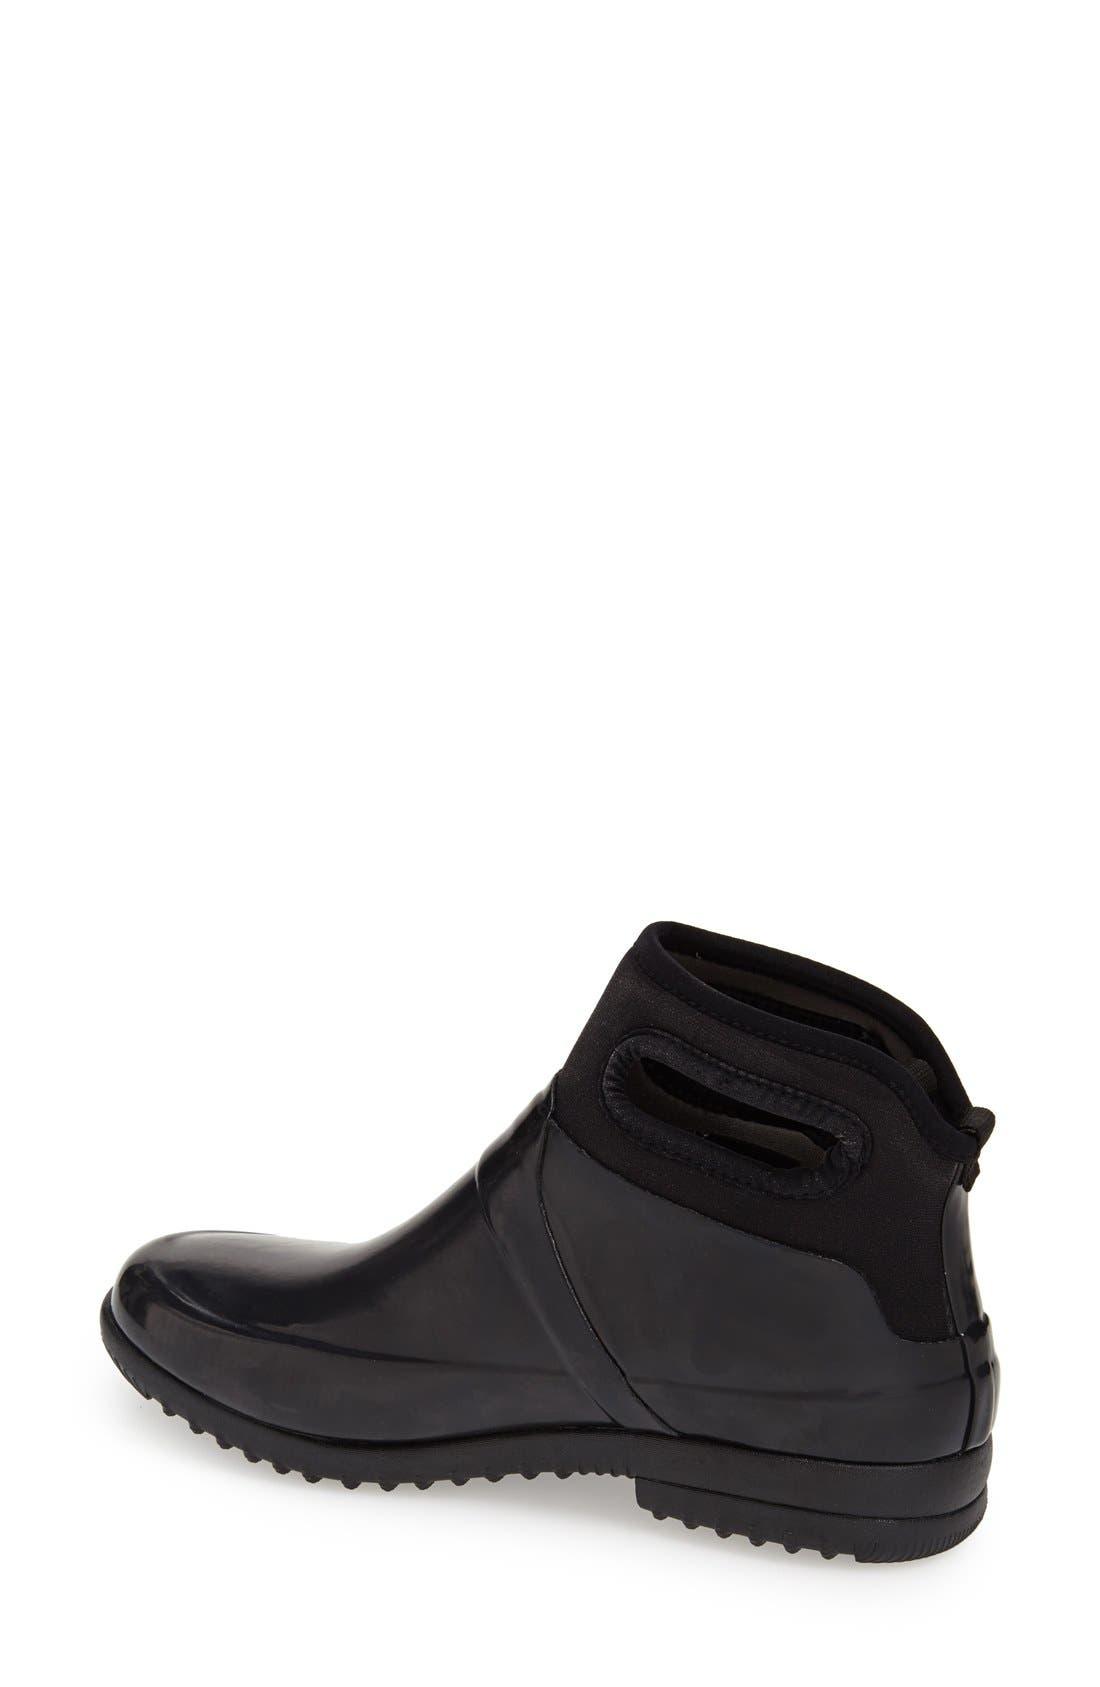 Alternate Image 2  - Bogs 'Seattle' Waterproof Short Boot (Women)